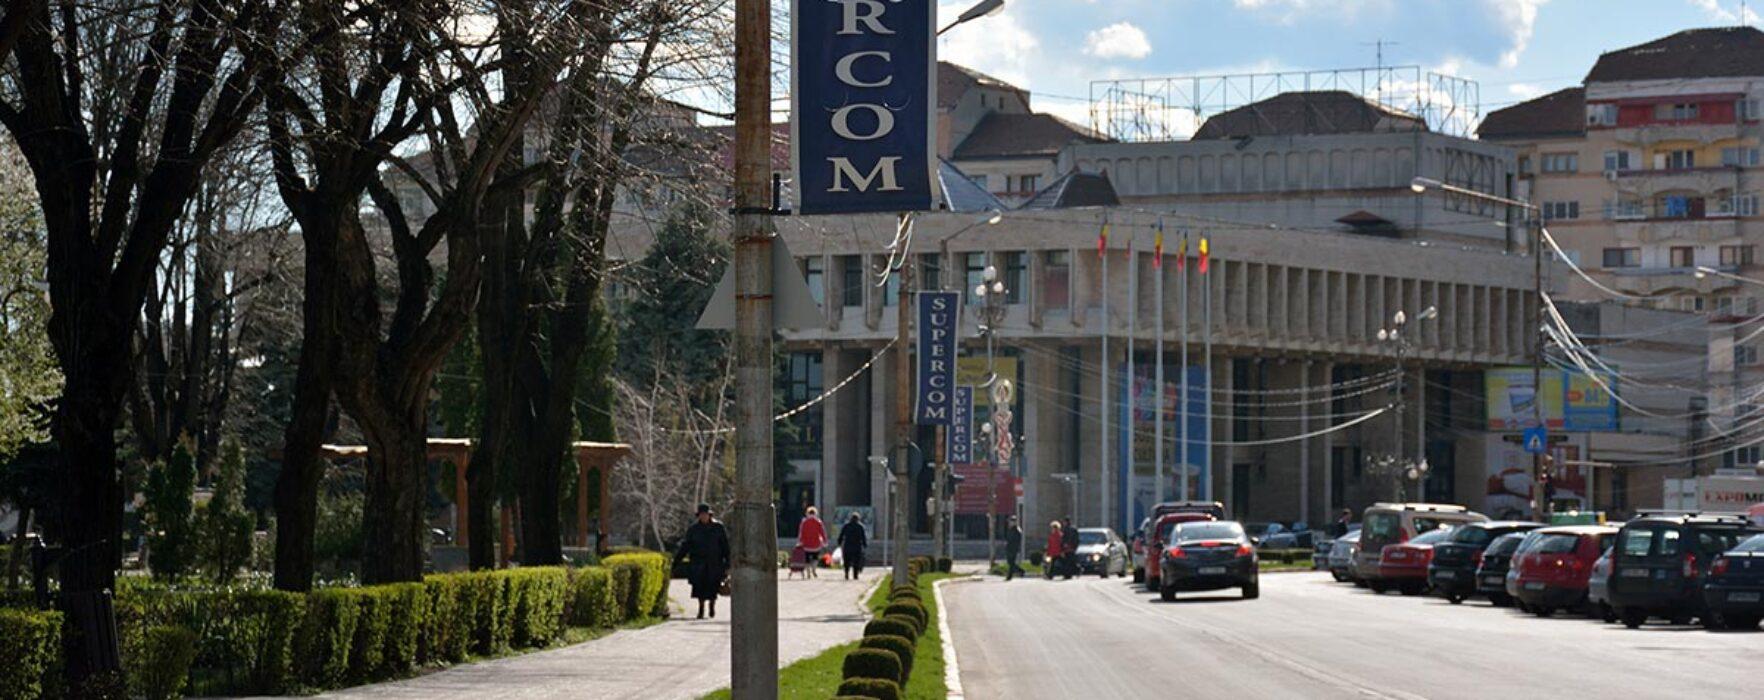 Circulaţie închisă în centrul Târgoviştei, luni şi marţi, când sunt manifestările de Sf. Nifon